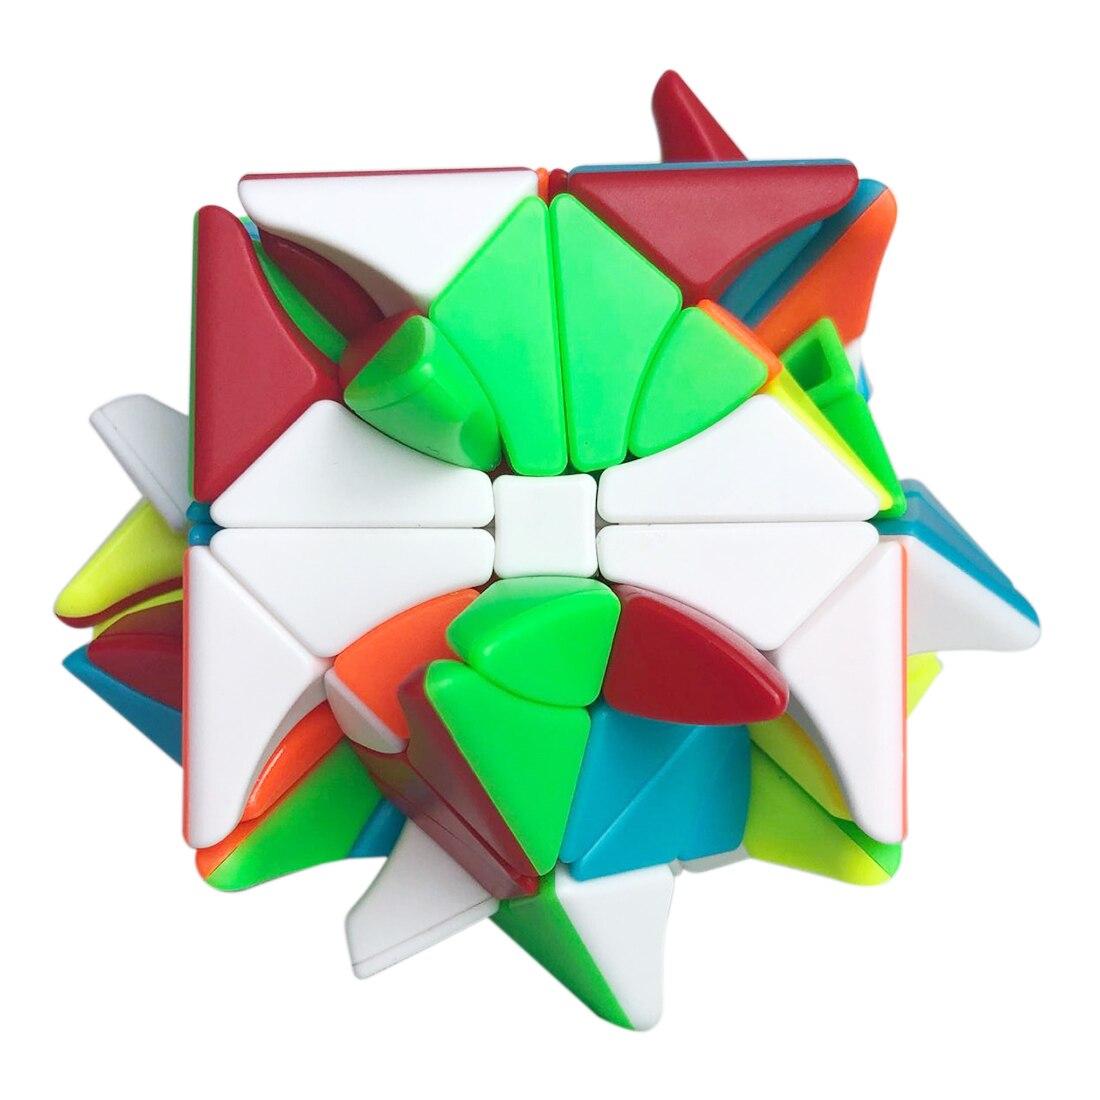 Surwish Fangshi Aurora papillon Cube magique Magico Cubo jouets éducatifs pour enfants adultes cadeau-coloré